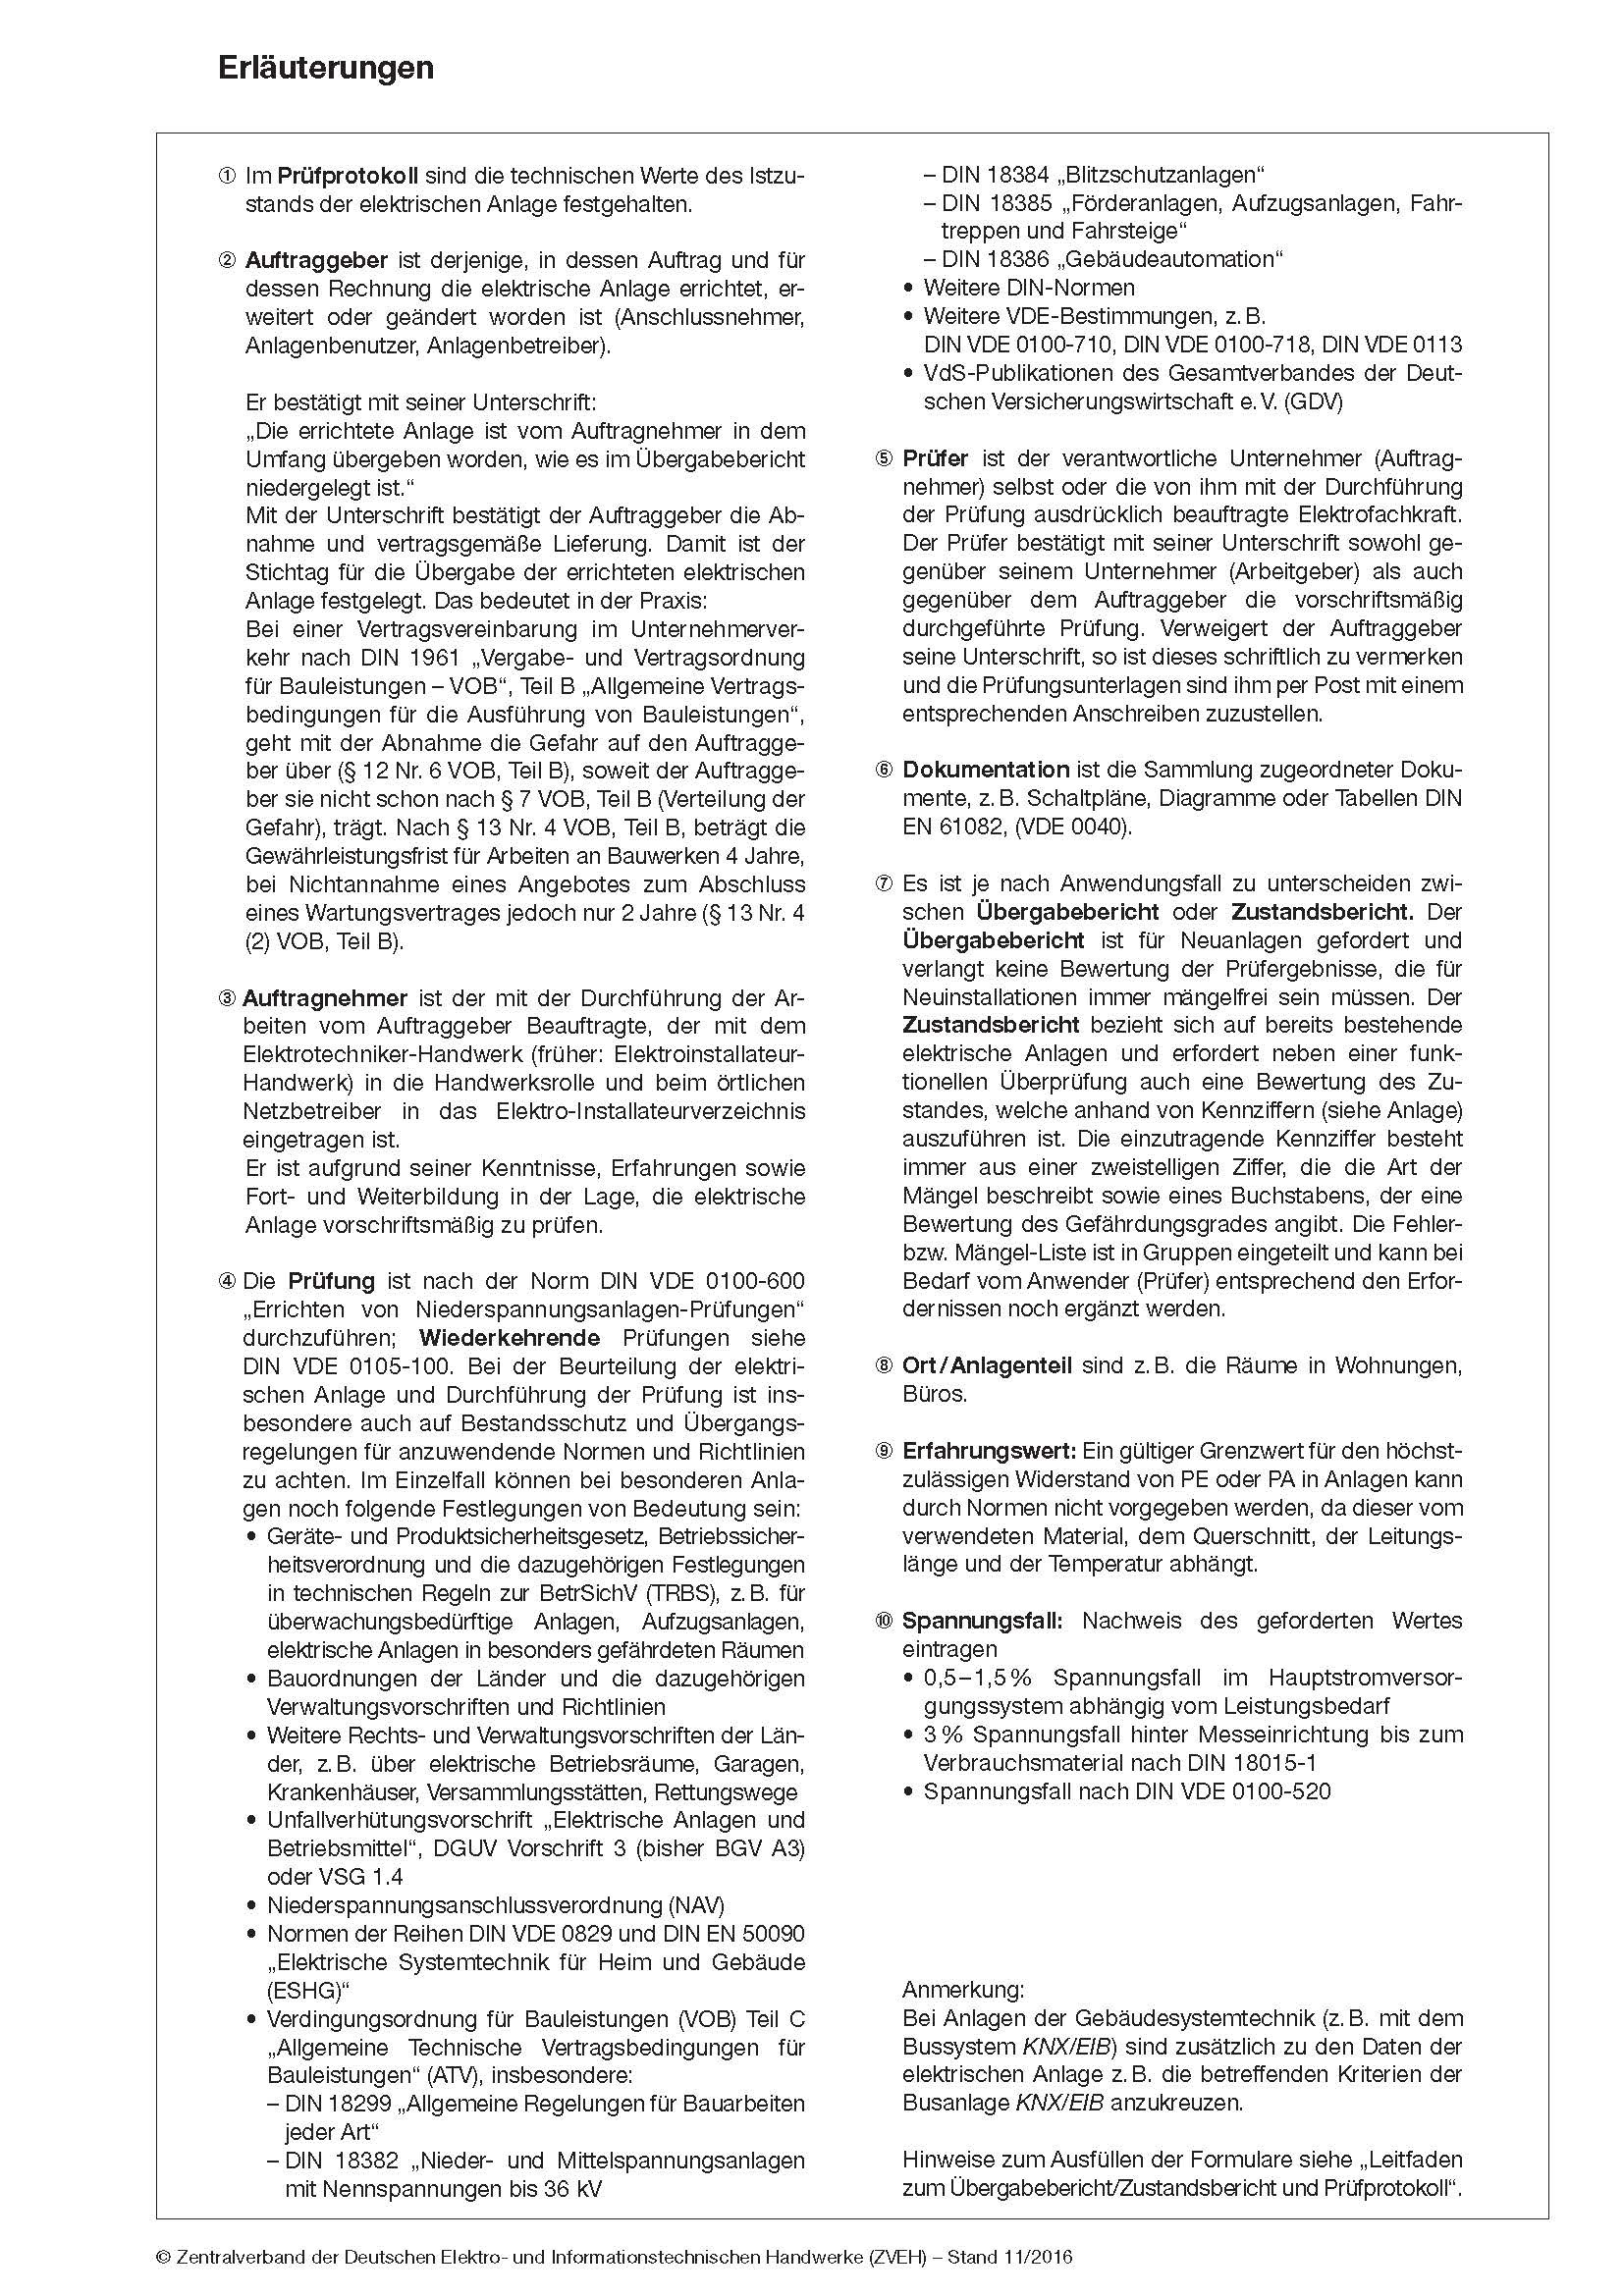 Atemberaubend Sears Handwerker Schaltplan Bilder - Der Schaltplan ...